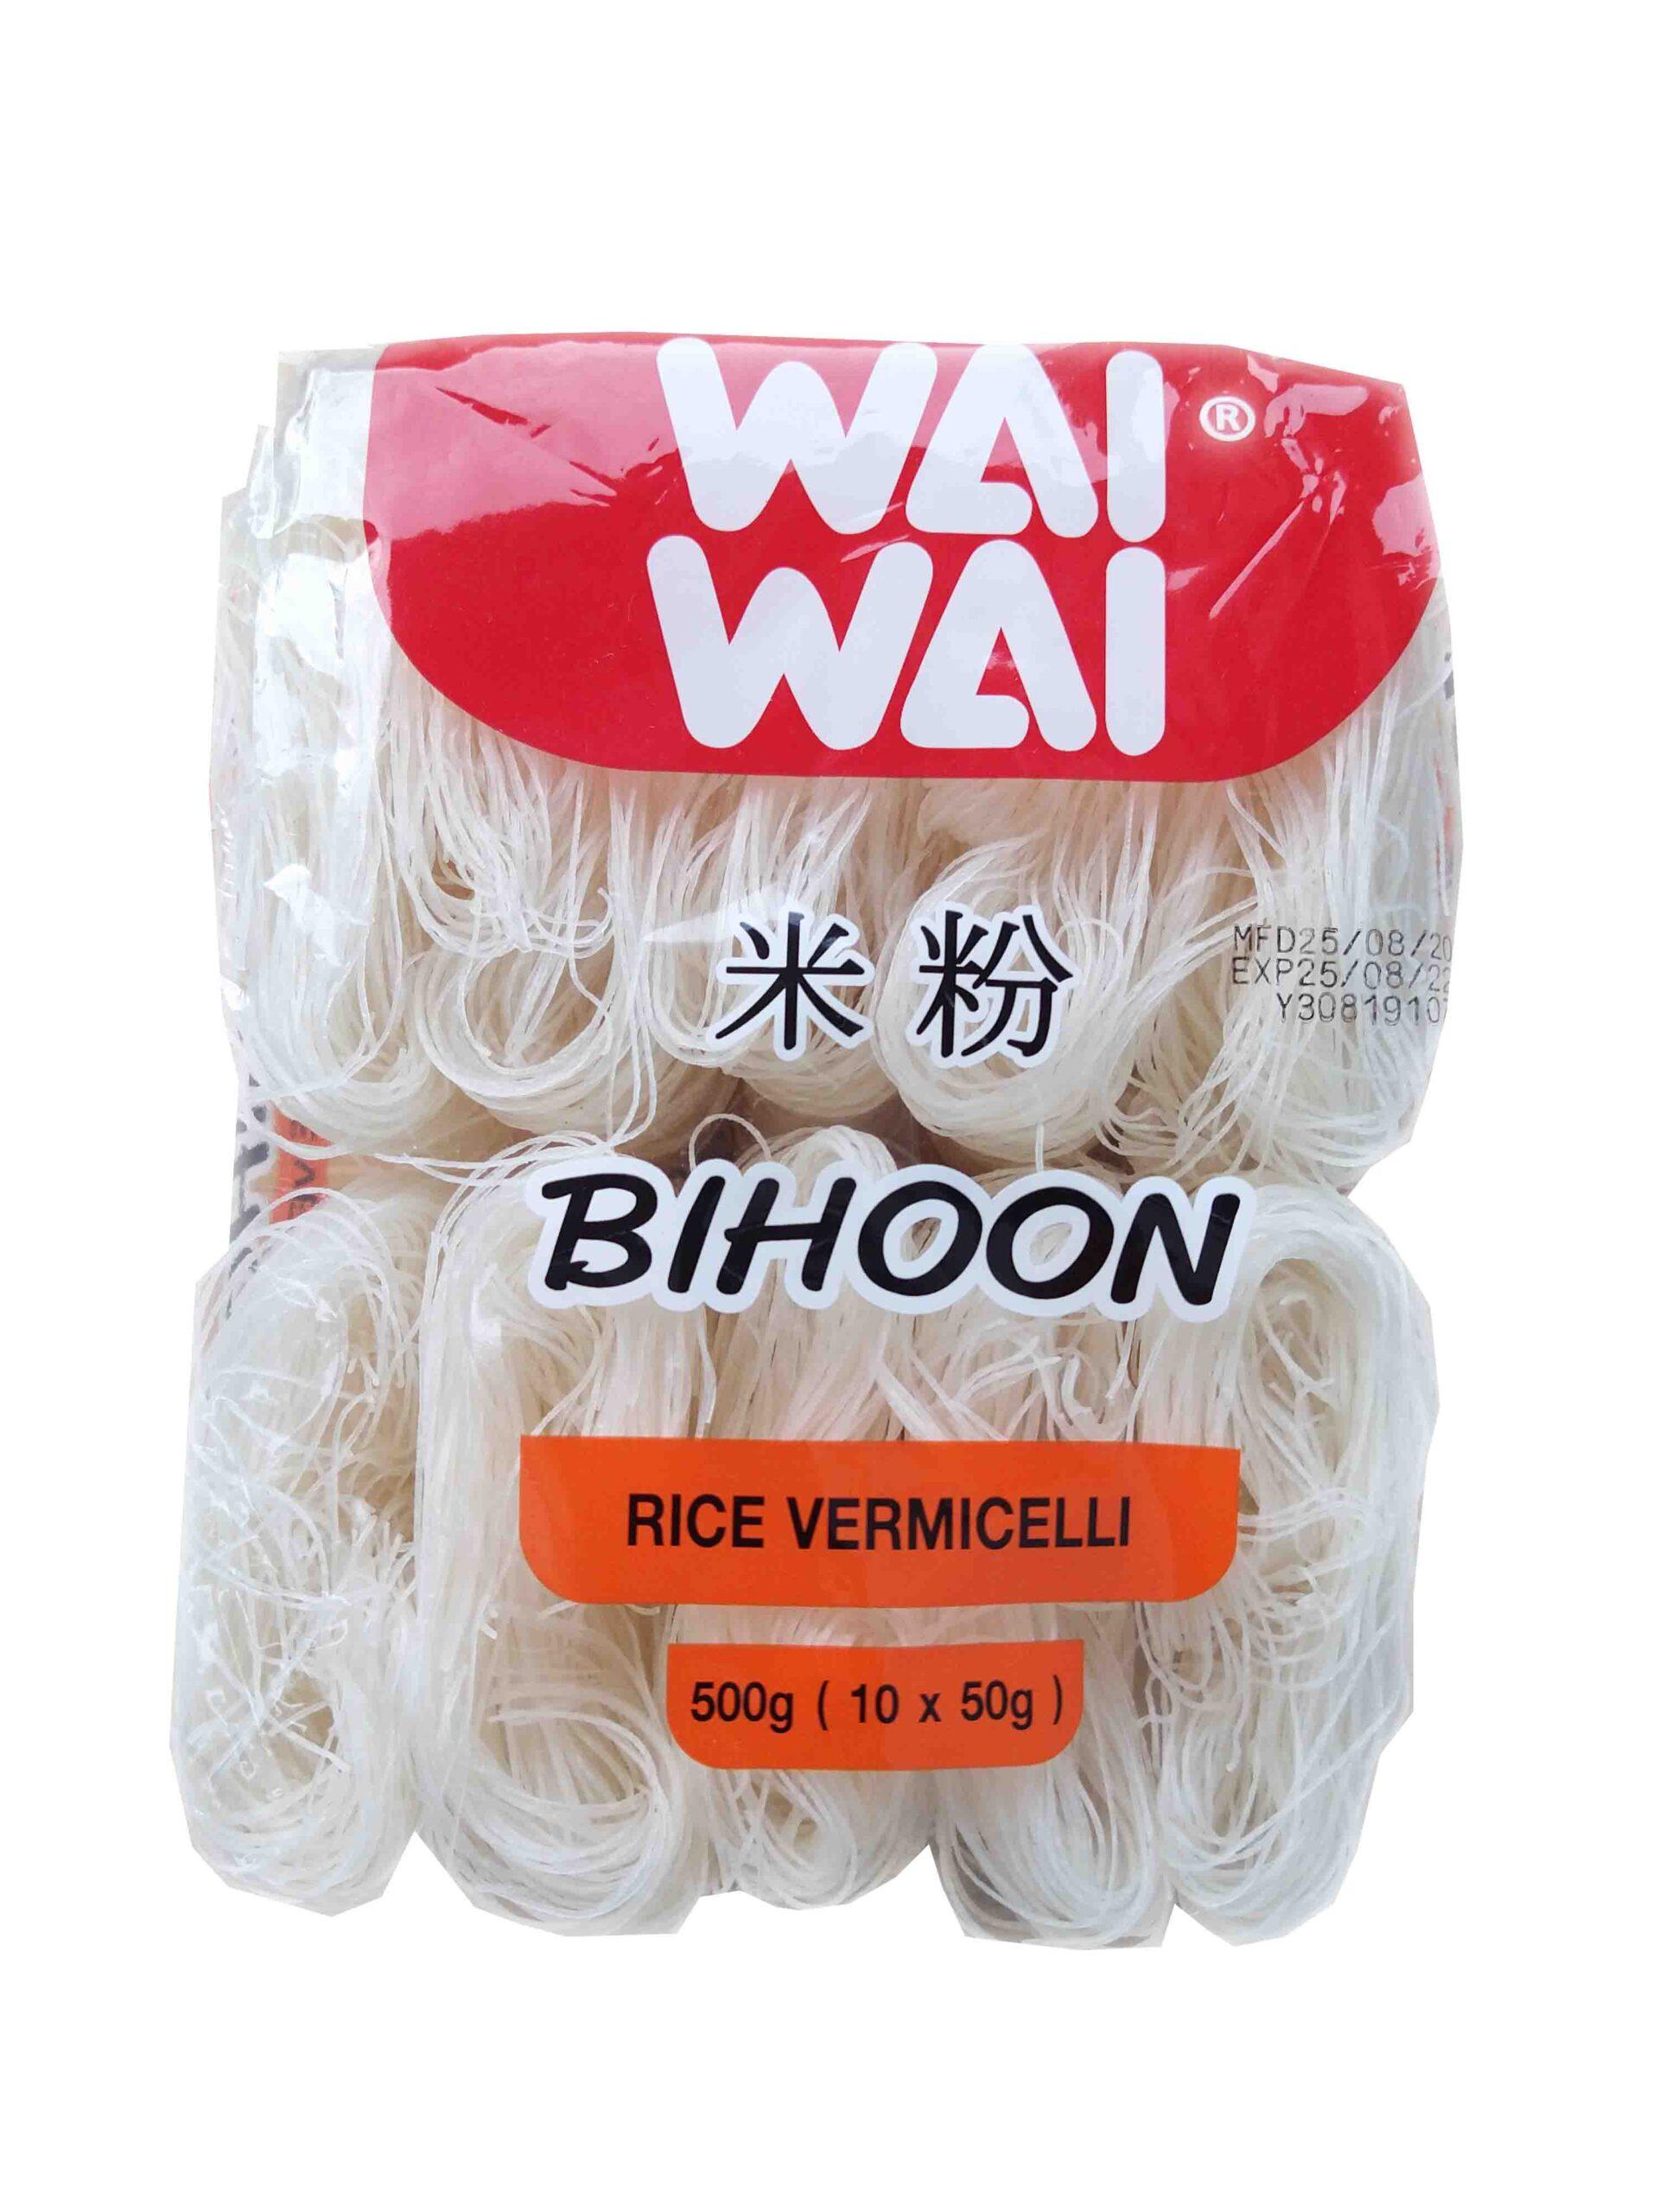 pasta vermicelli de arroz